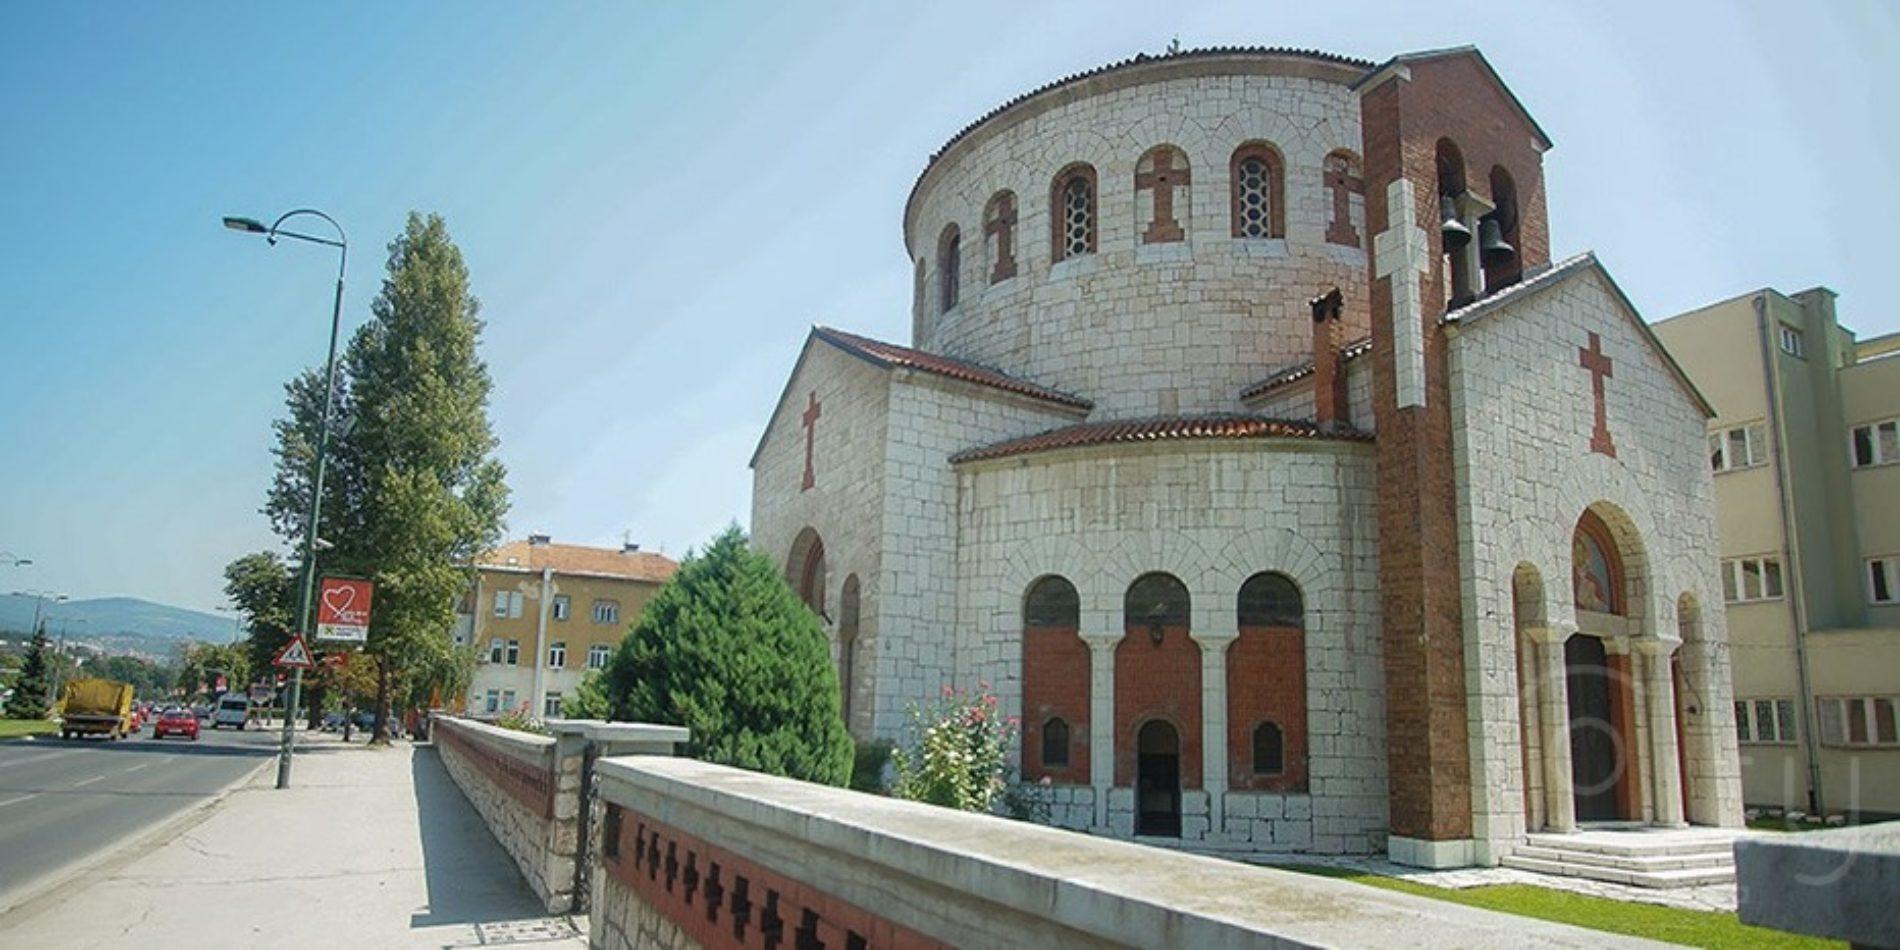 Primjeri Bajrakli džamije i crkve 'Svetog preobraženja' – Sarajevska lekcija Beogradu